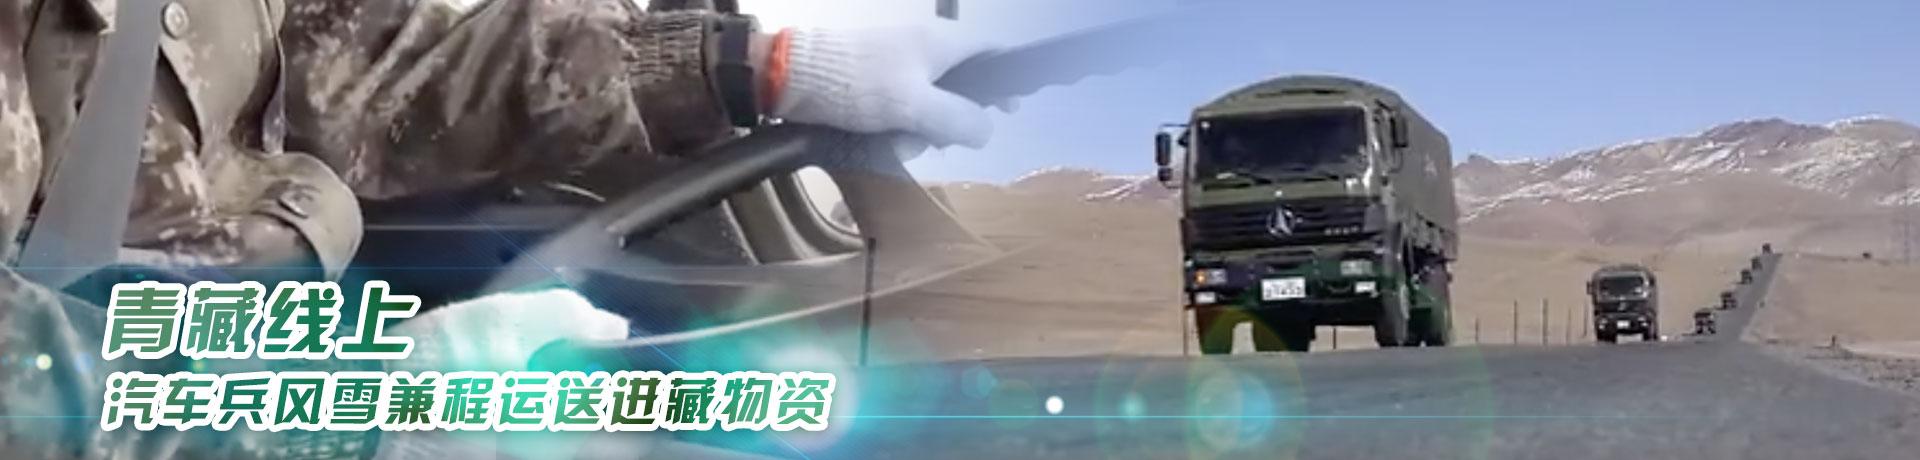 青藏线上 汽车兵风雪兼程运送进藏物资